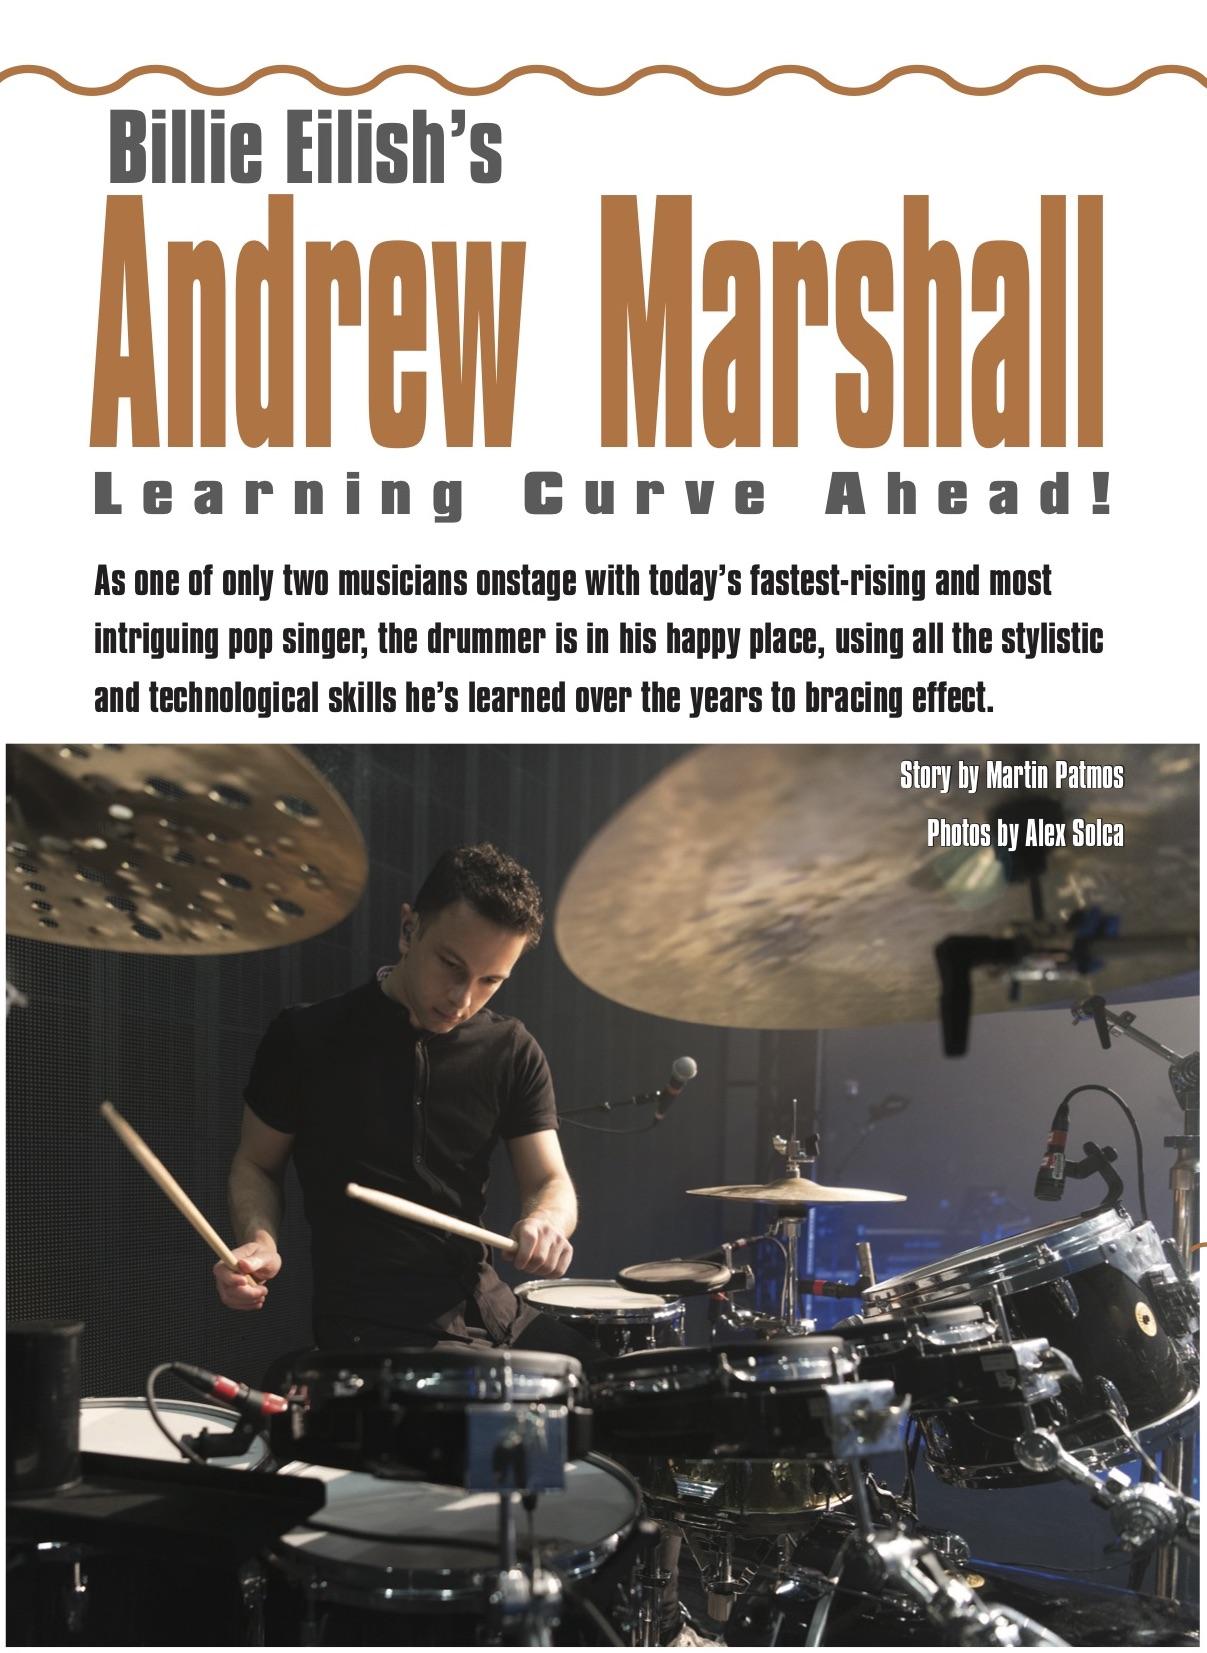 Modern Drummer feature, September 2019